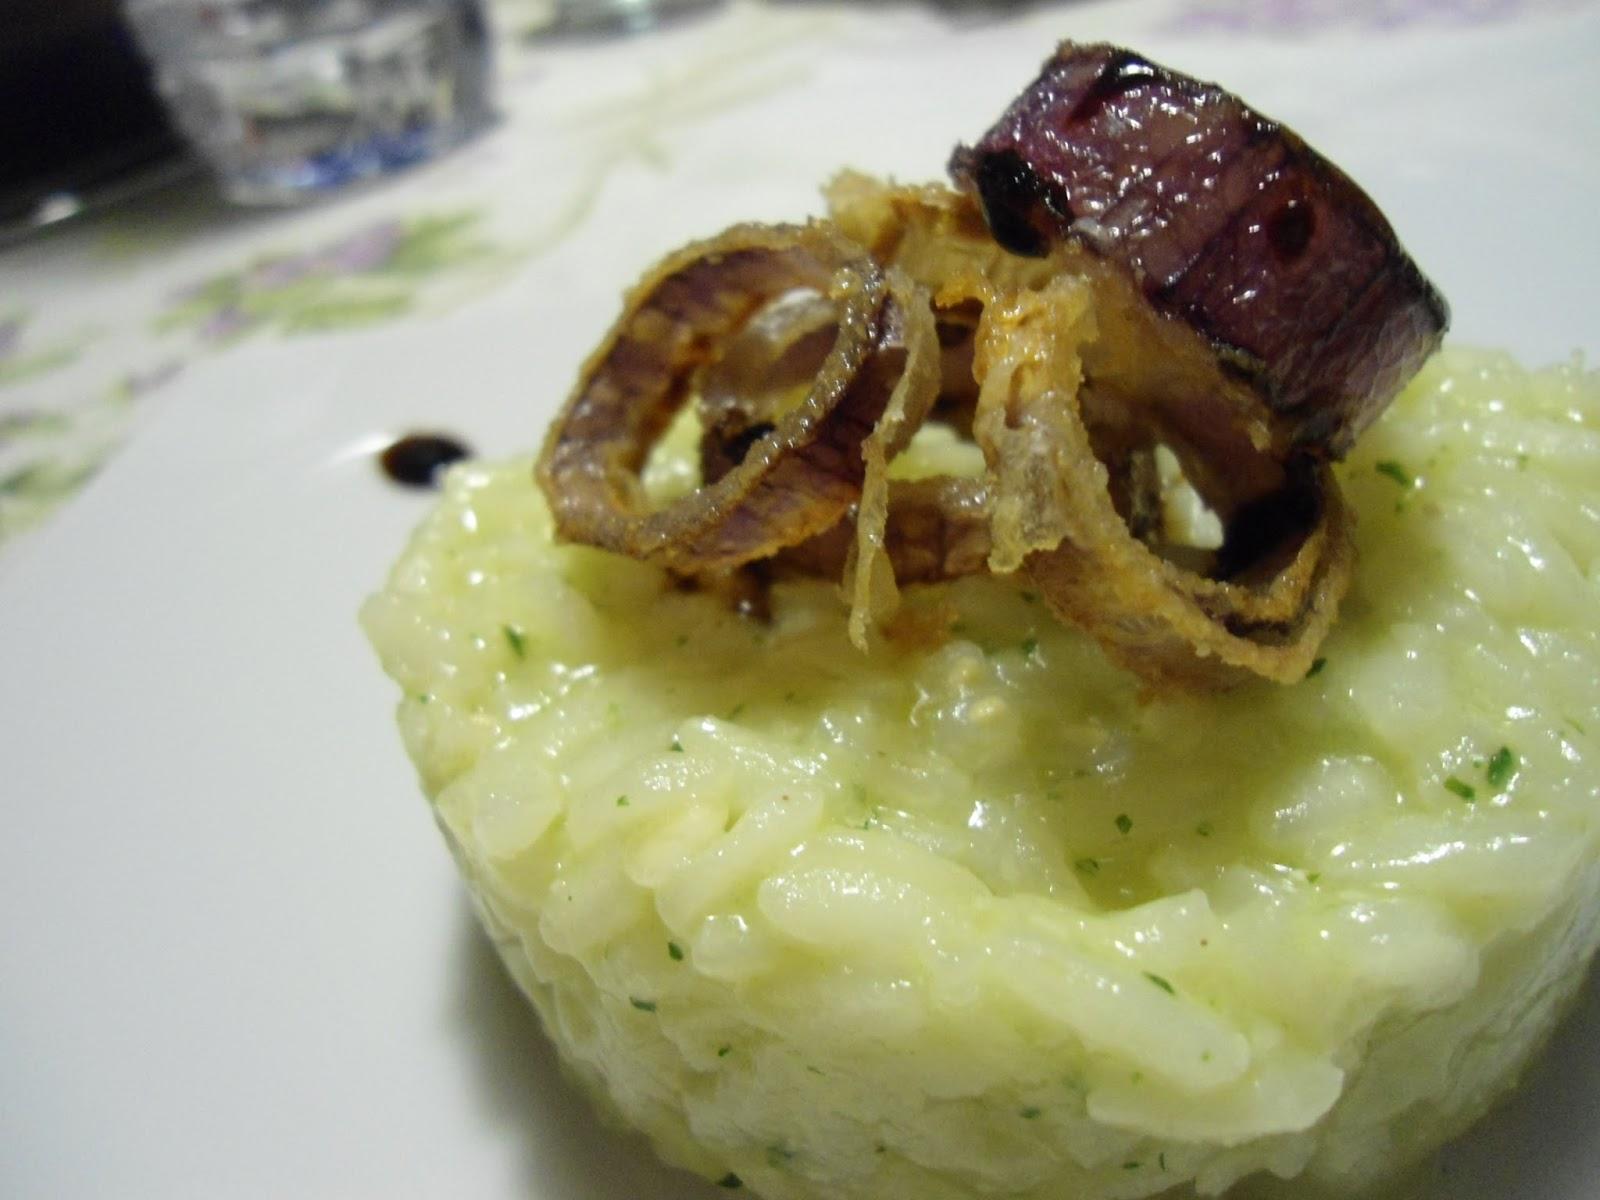 Fatemi cucinare risotto profumato al basilico for Cucinare risotto